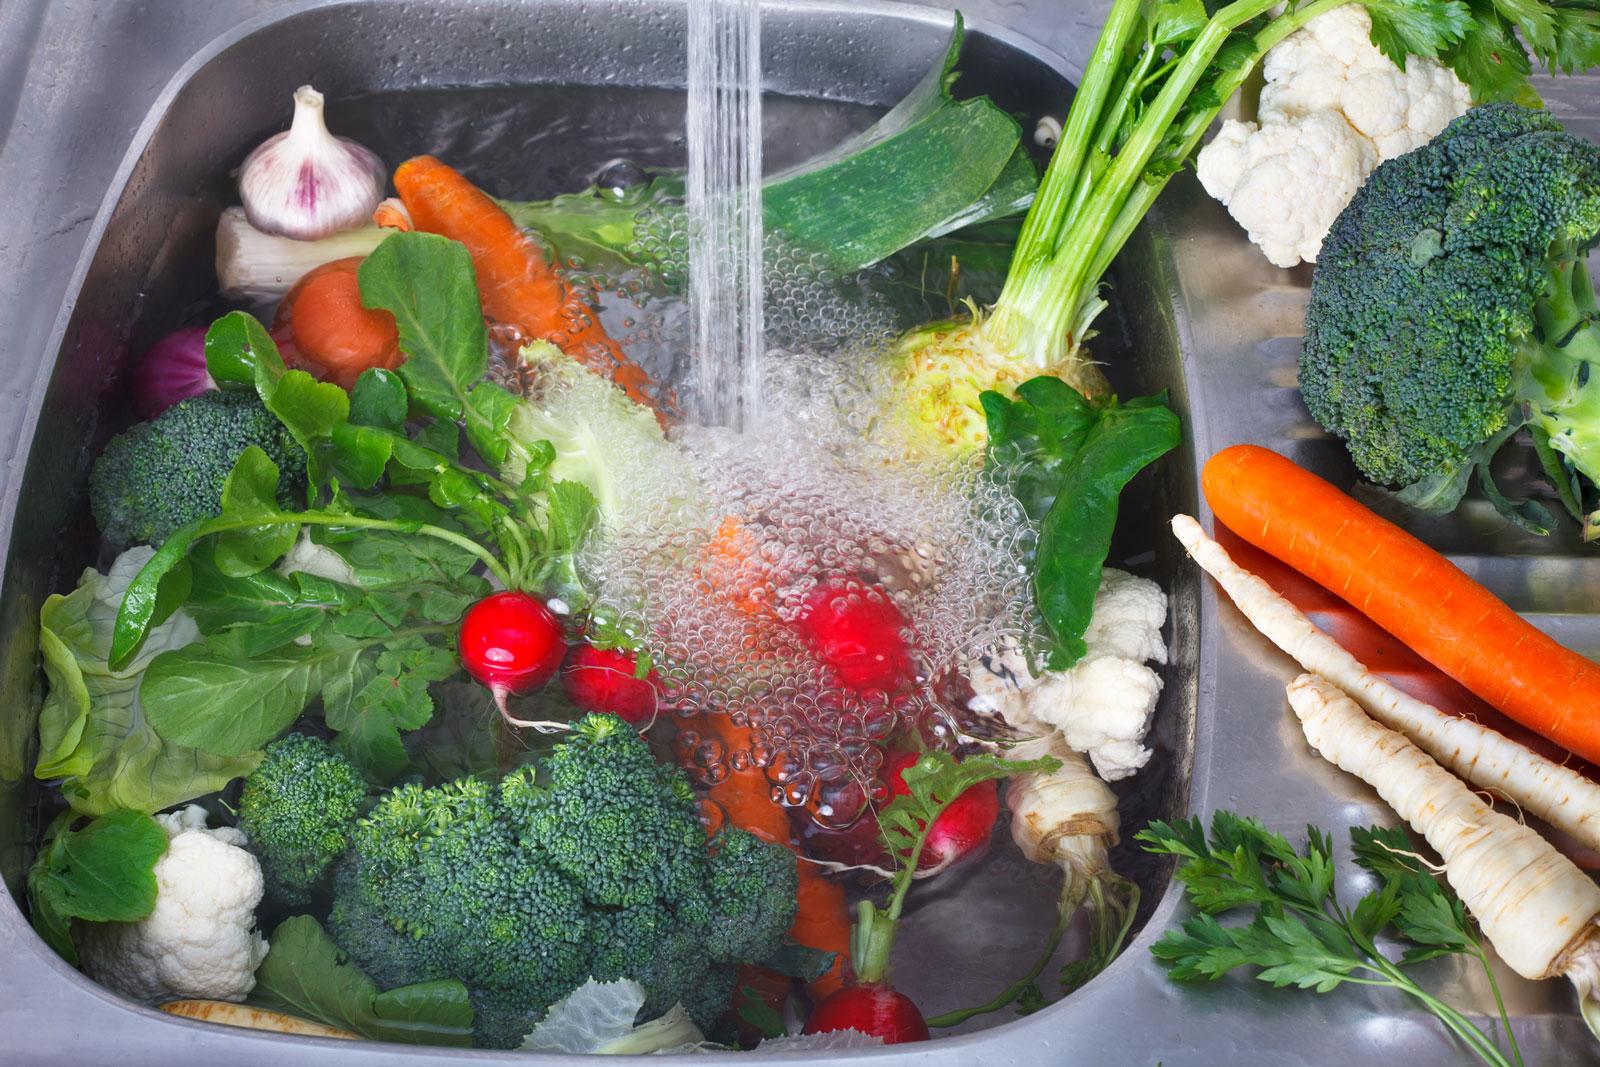 شستشو و ضدعفونی سبزیجات